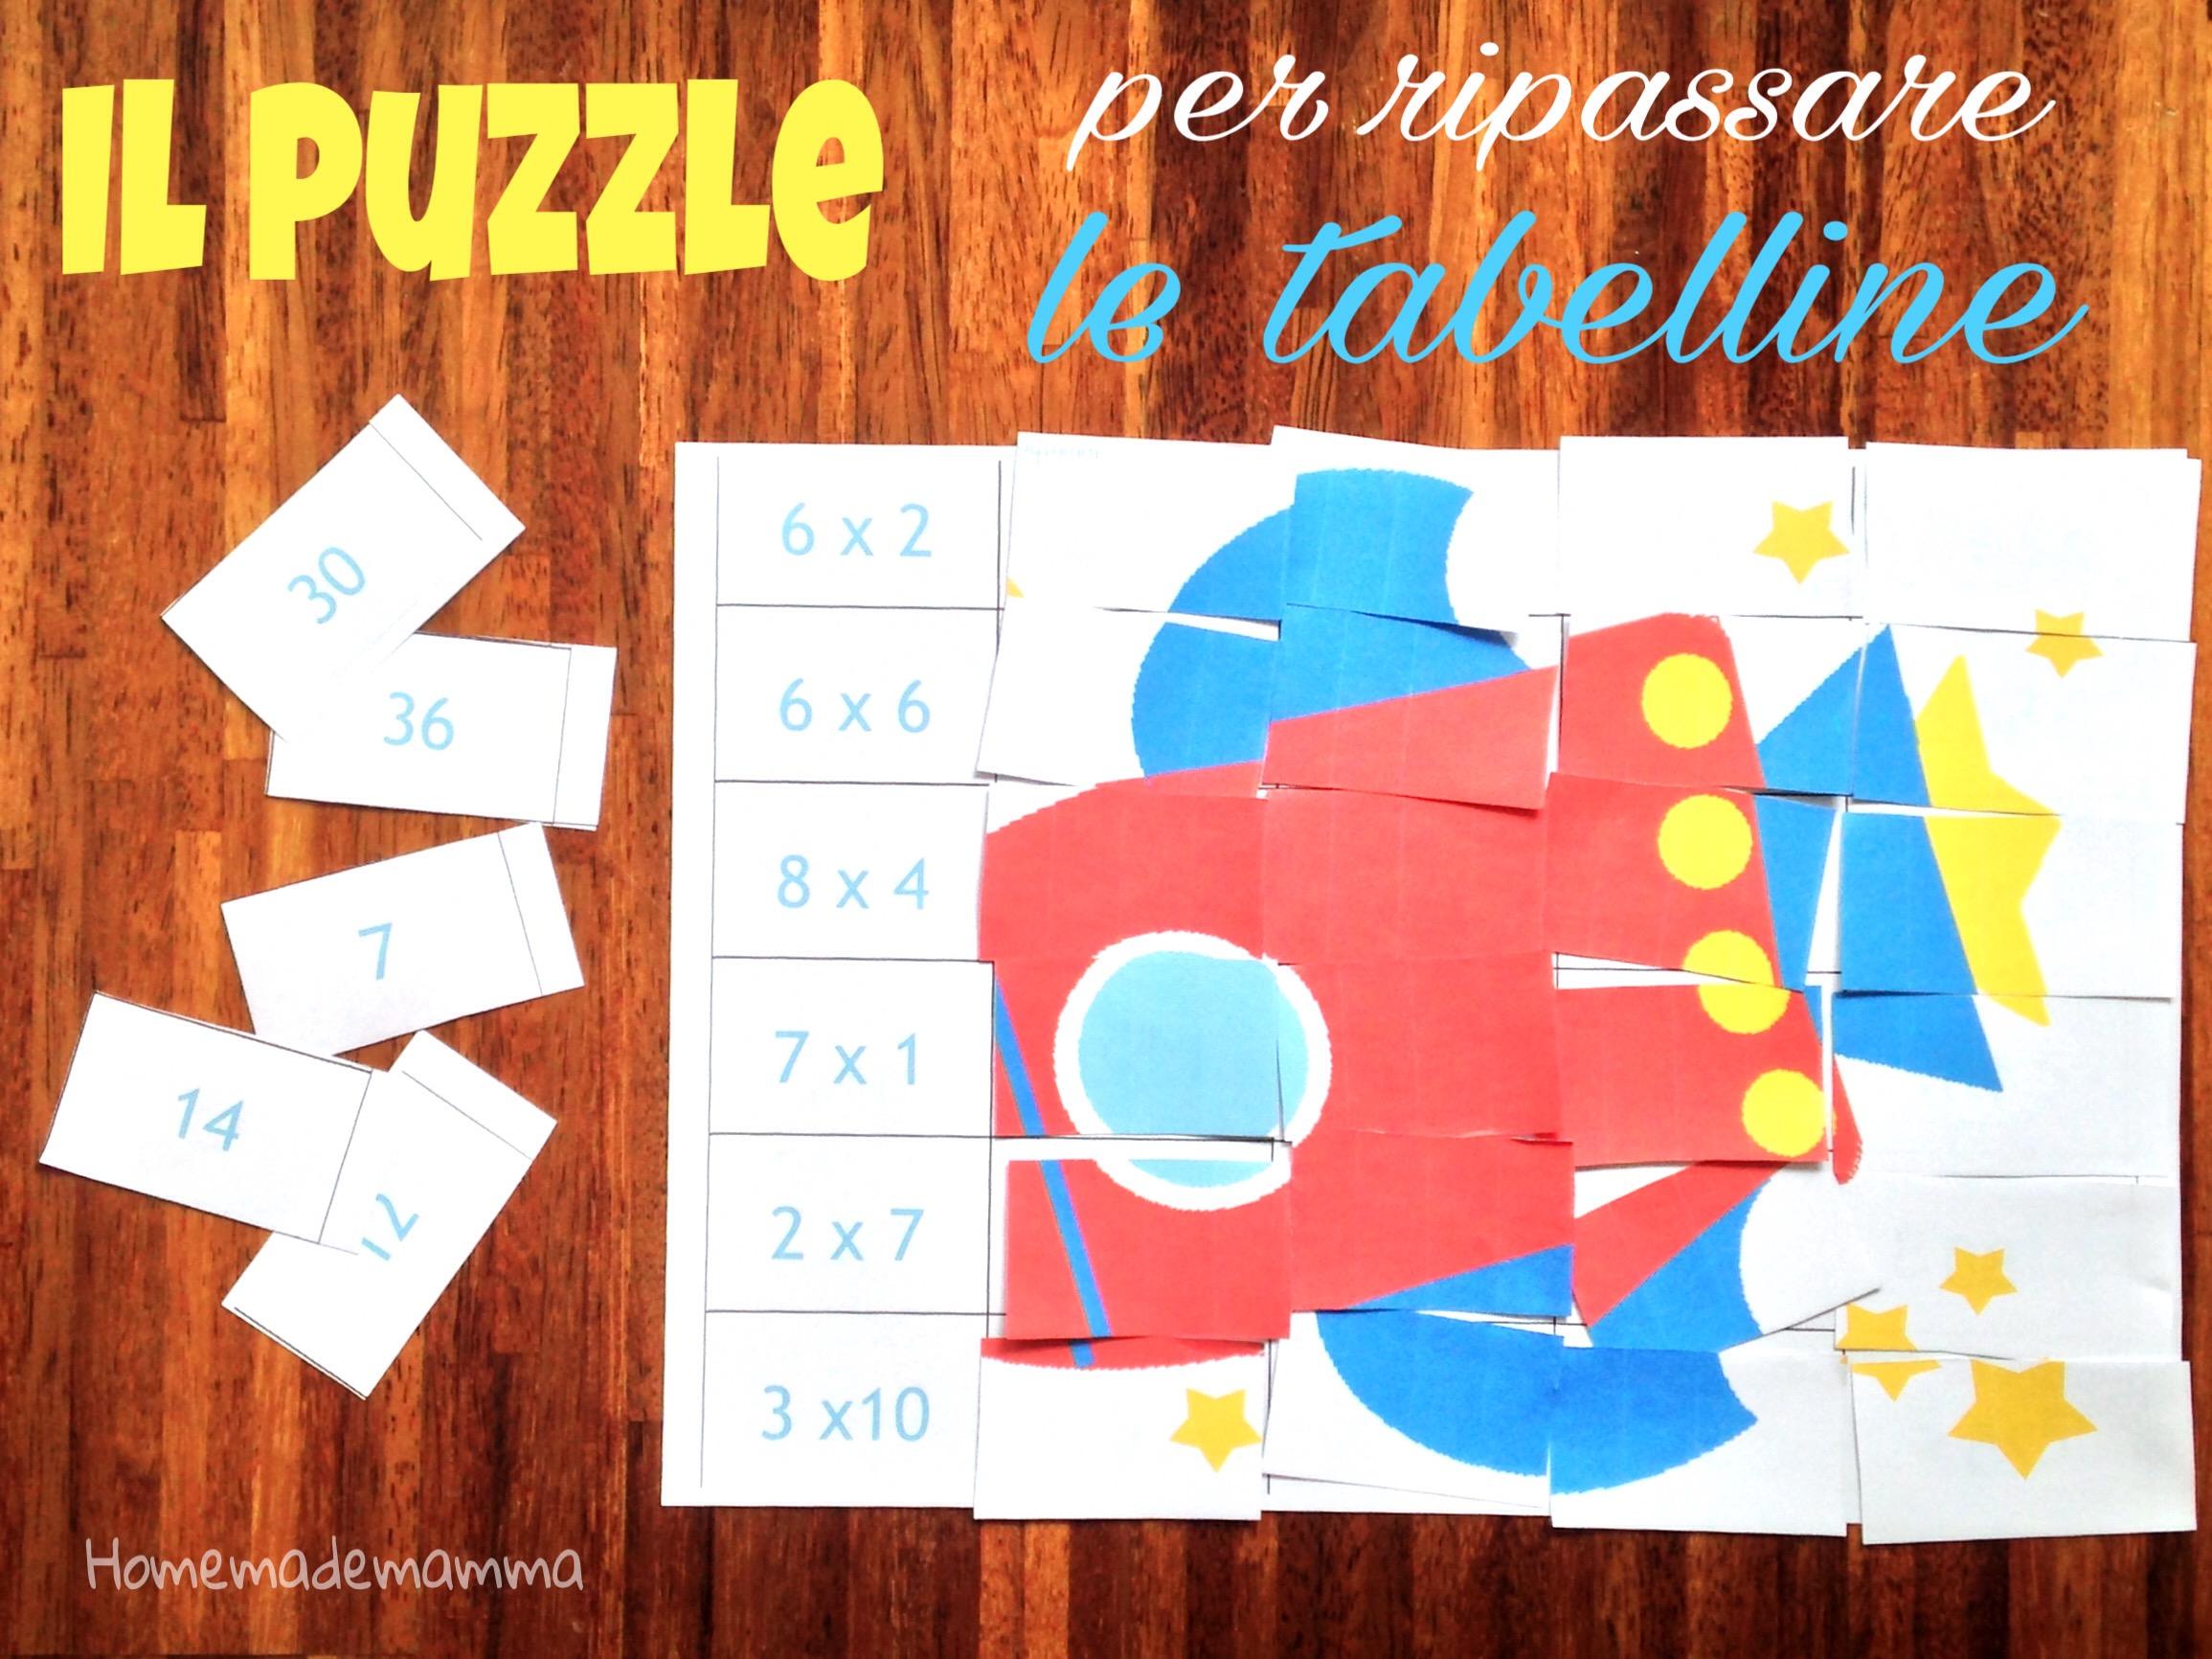 puzzle per ripassare le tabelline